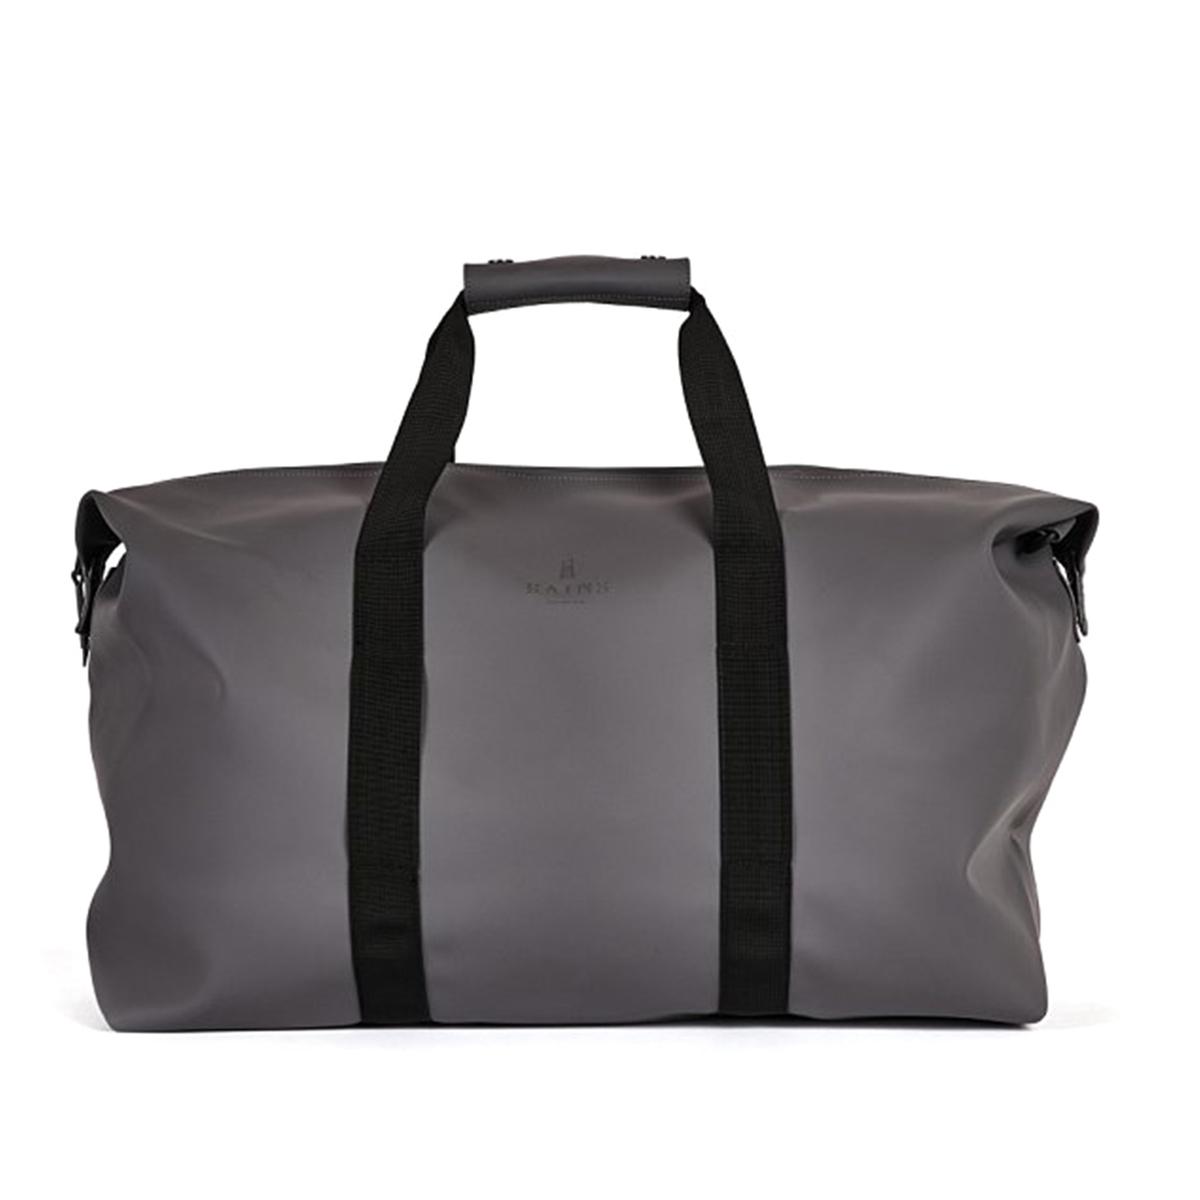 СаквояжСаквояж RAINS - модель bag Smoke. Непромокаемая и водоотталкивающая. Носить в руках за ручки из текстиля или через плечо с помощью съемного регулируемого ремня. Защитная скоба на кнопке. Застежка на молнию.Состав и описание   Материал : 50% полиэстера, 50% полиуретана   Объем : 44 литра   Размеры : В.41 x Ш.51 x Г.21 см   Марка : RAINS<br><br>Цвет: серый<br>Размер: единый размер